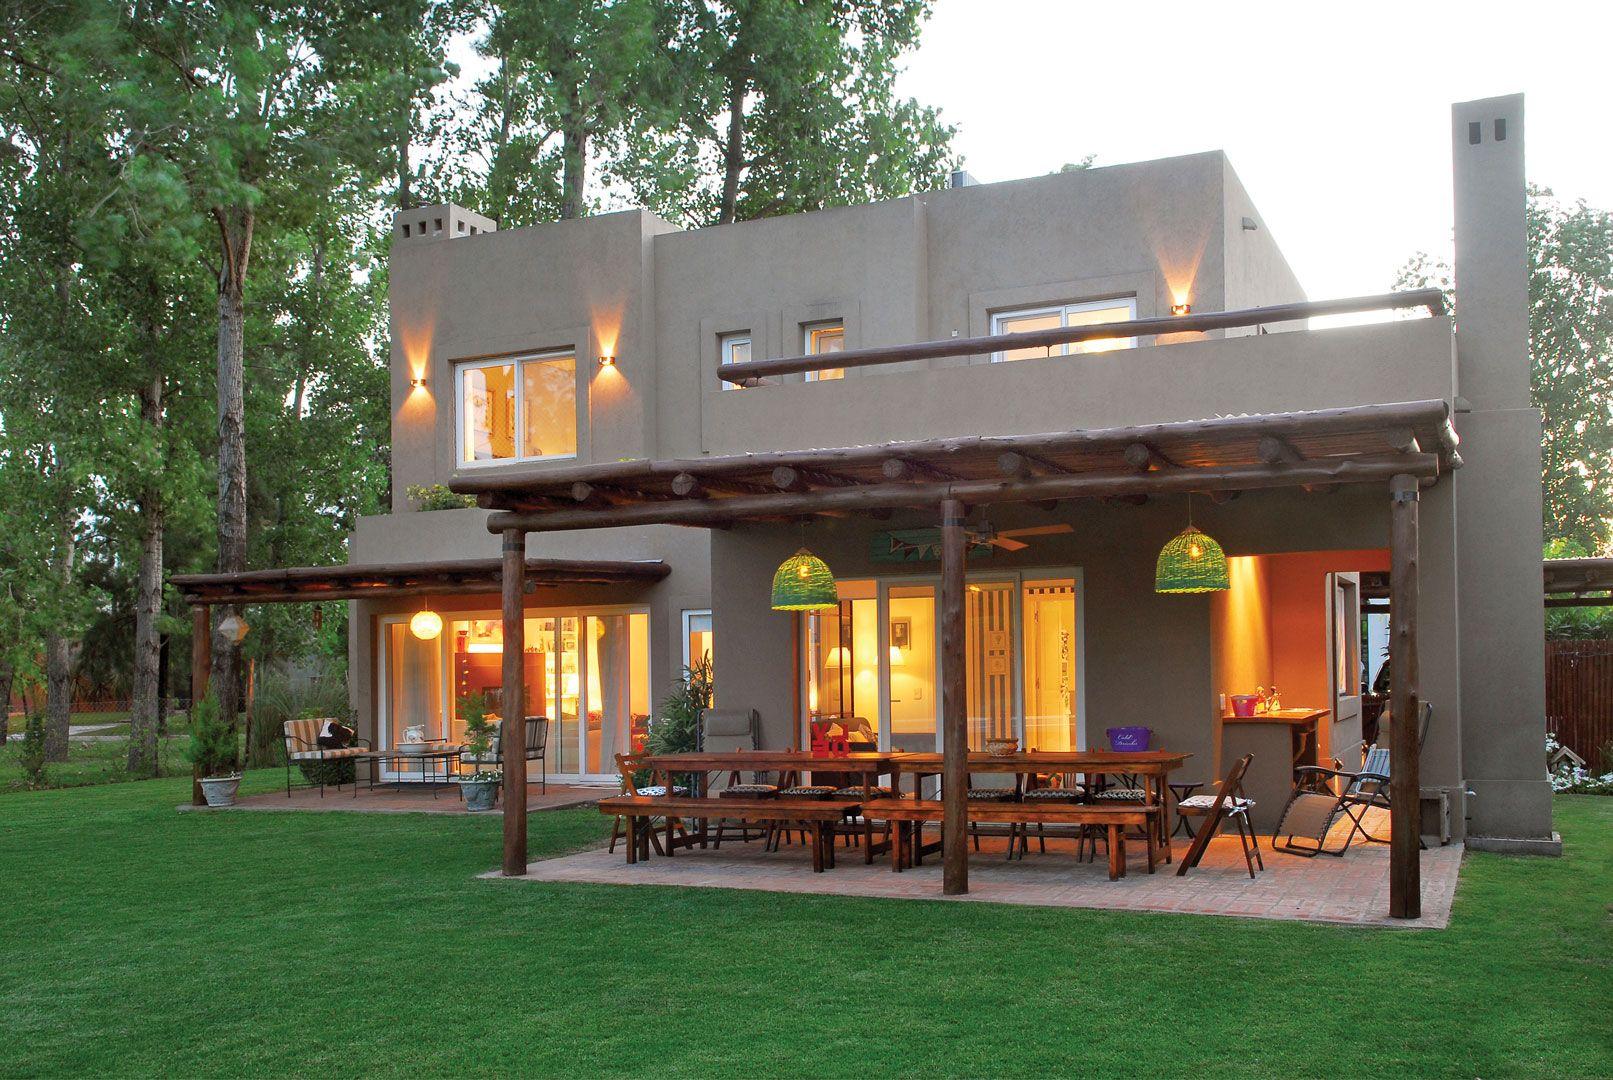 Marconi silva arquitectos sl arquitetura casas y areas externas - Arquitectos casas modernas ...